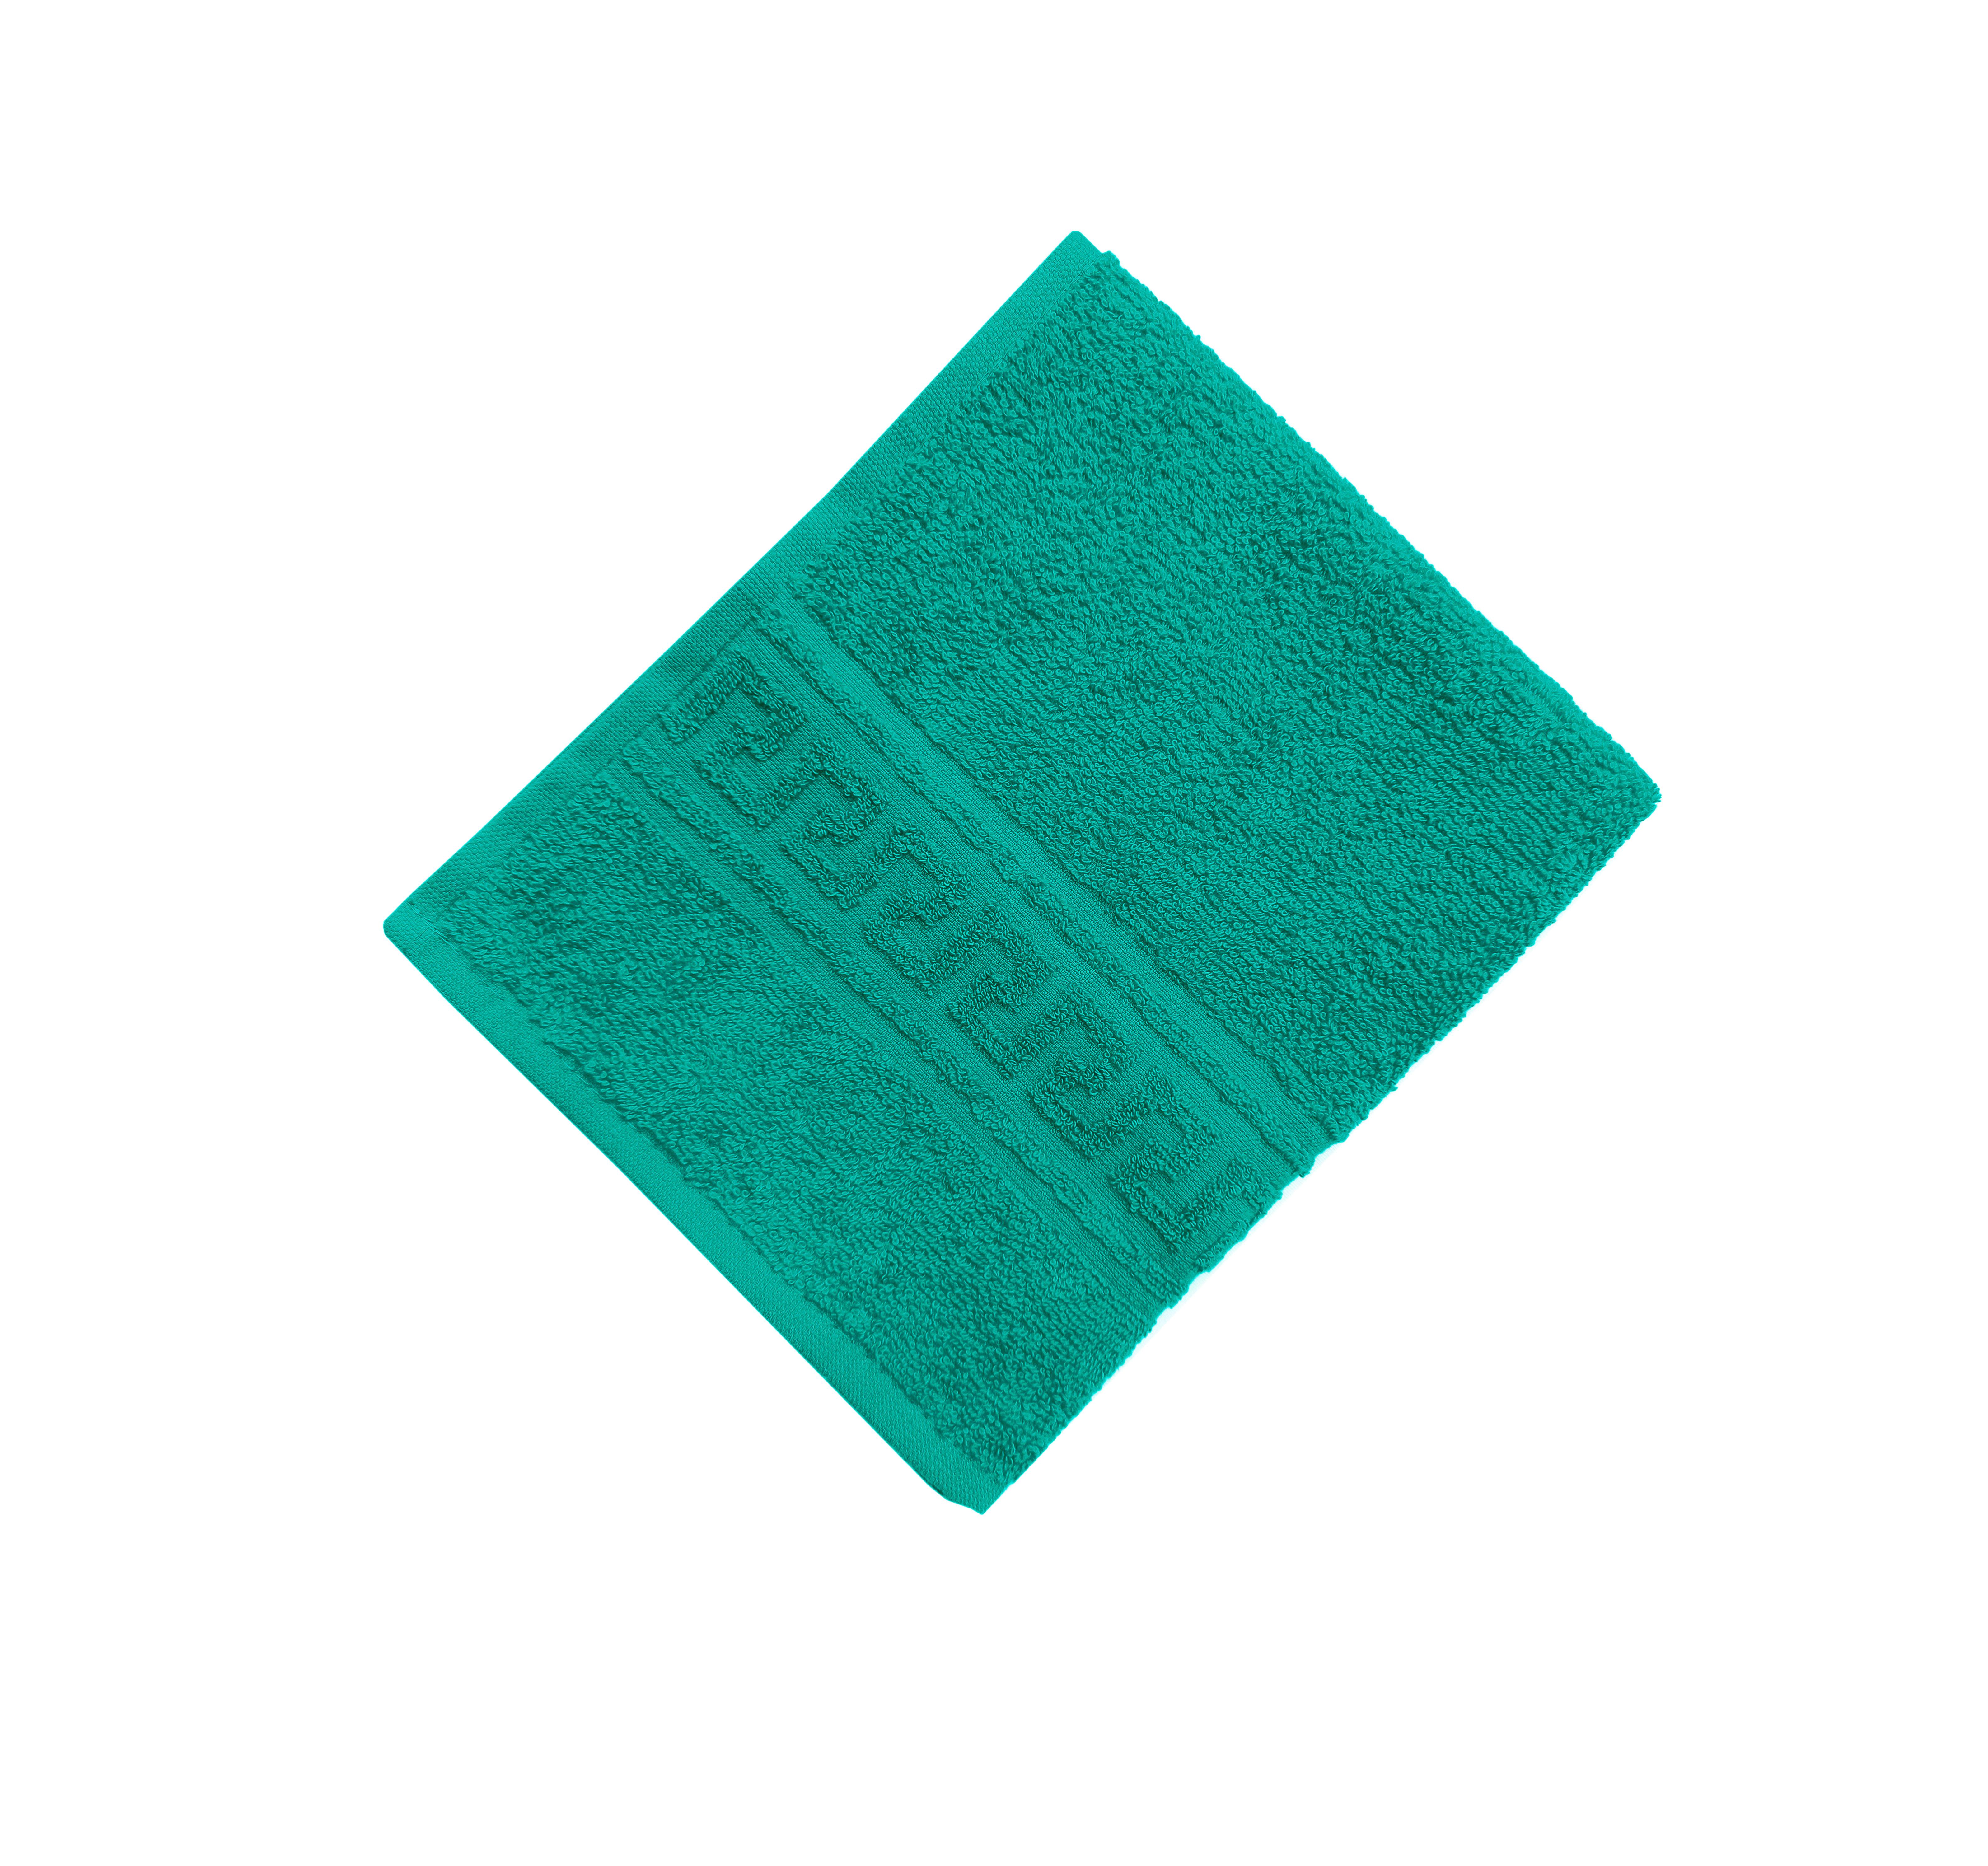 Махровое гладкокрашенное полотенце 70*140 см 380 г/м2 (Темно-зеленый)